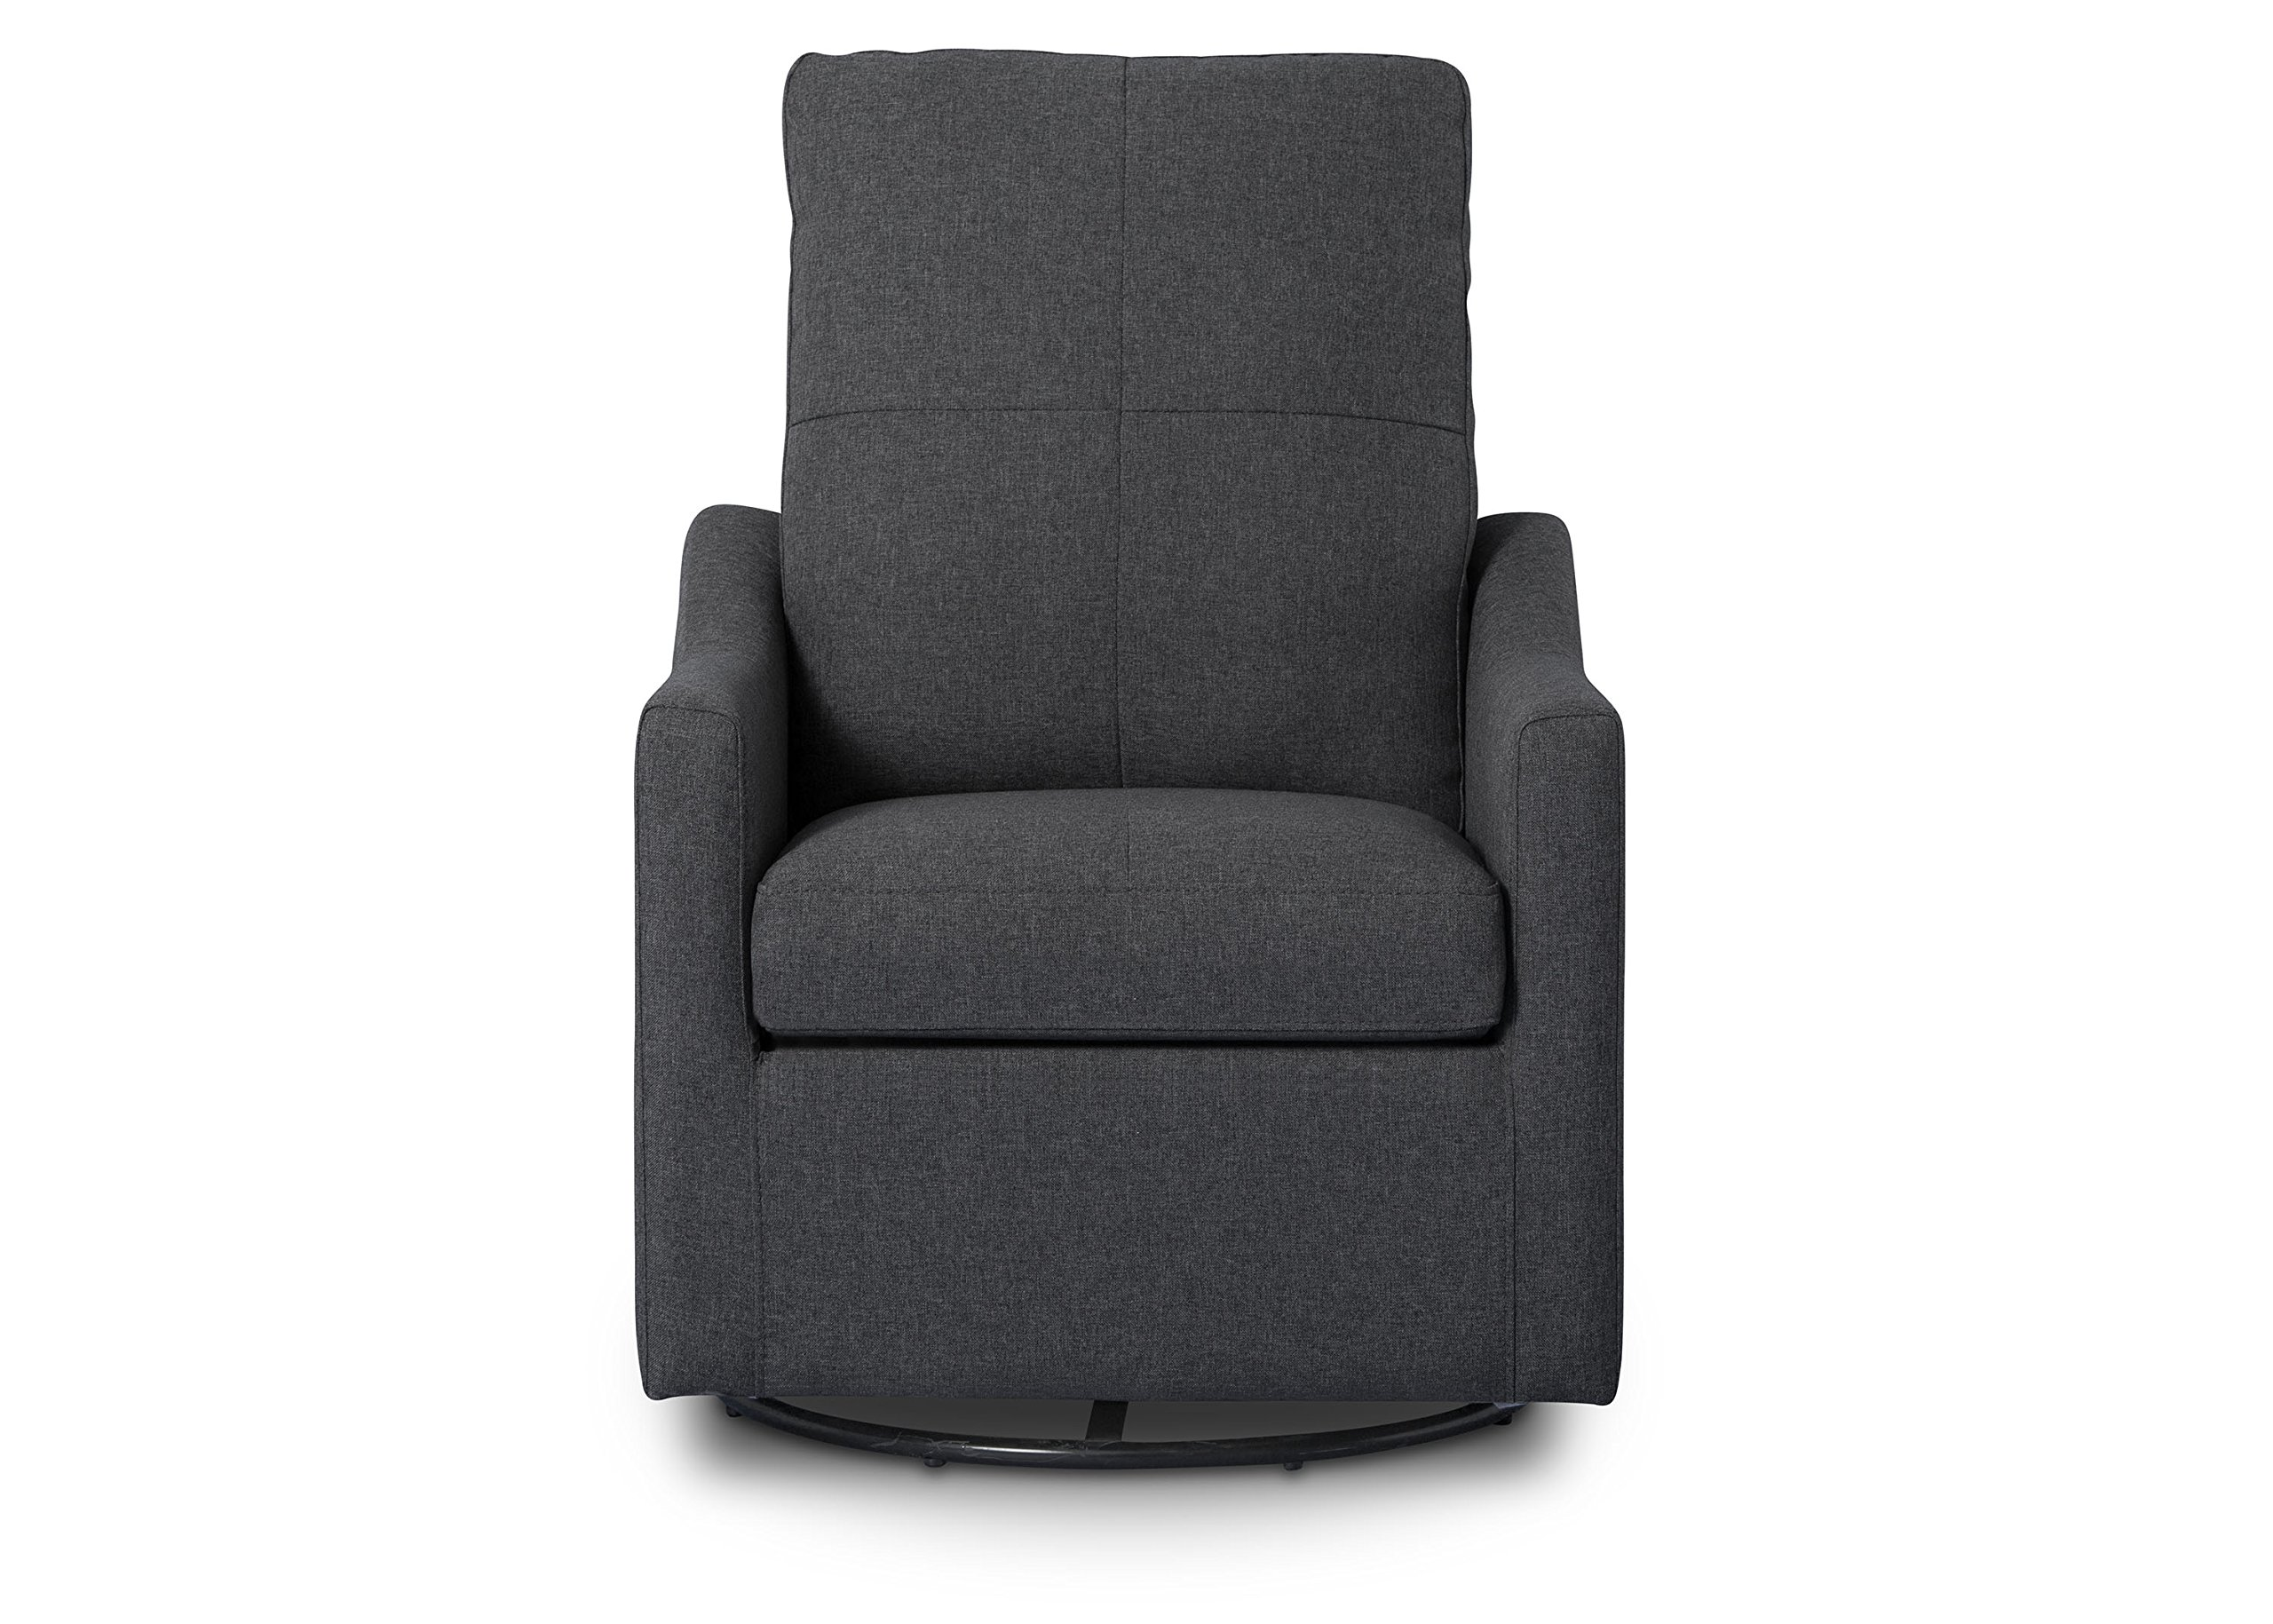 Delta Children Kenwood Glider Swivel Rocker Chair, Charcoal (Dark Grey) by Delta Children